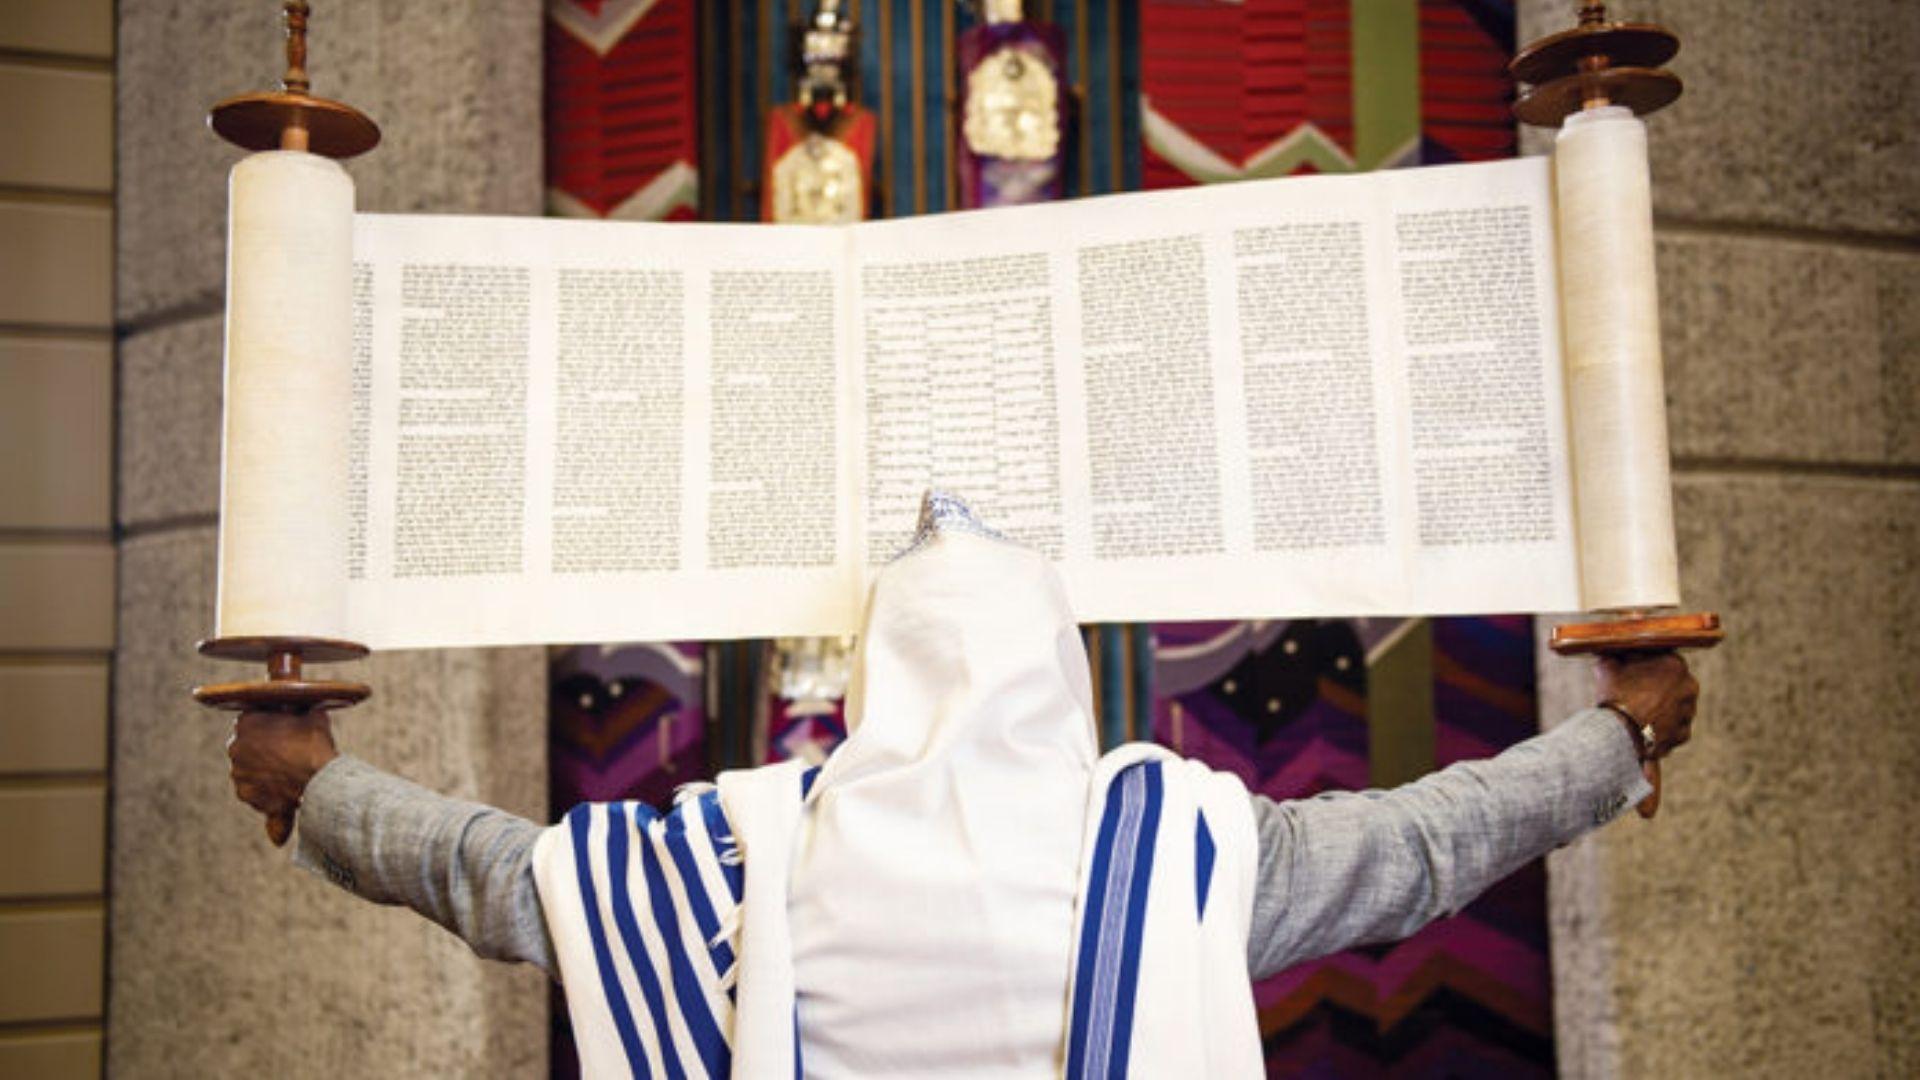 """Proposta de incluir """"multigênero"""" no hebraico é contestada: """"Ataque à palavra do Eterno"""""""